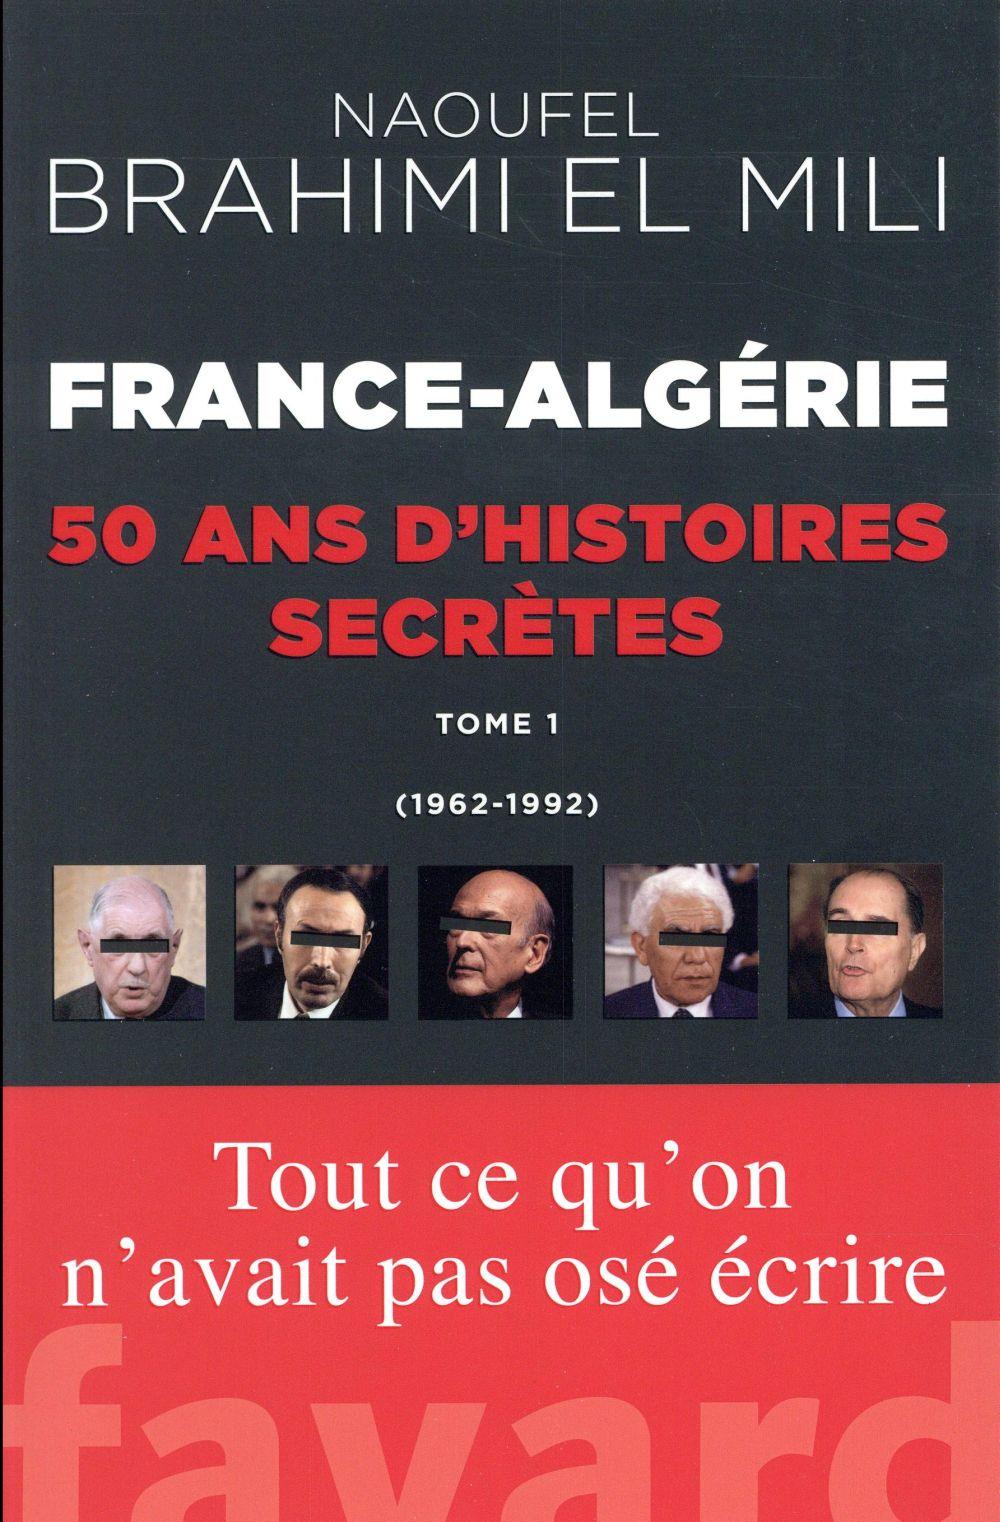 France-Algérie ; 50 ans d'histoires secretes